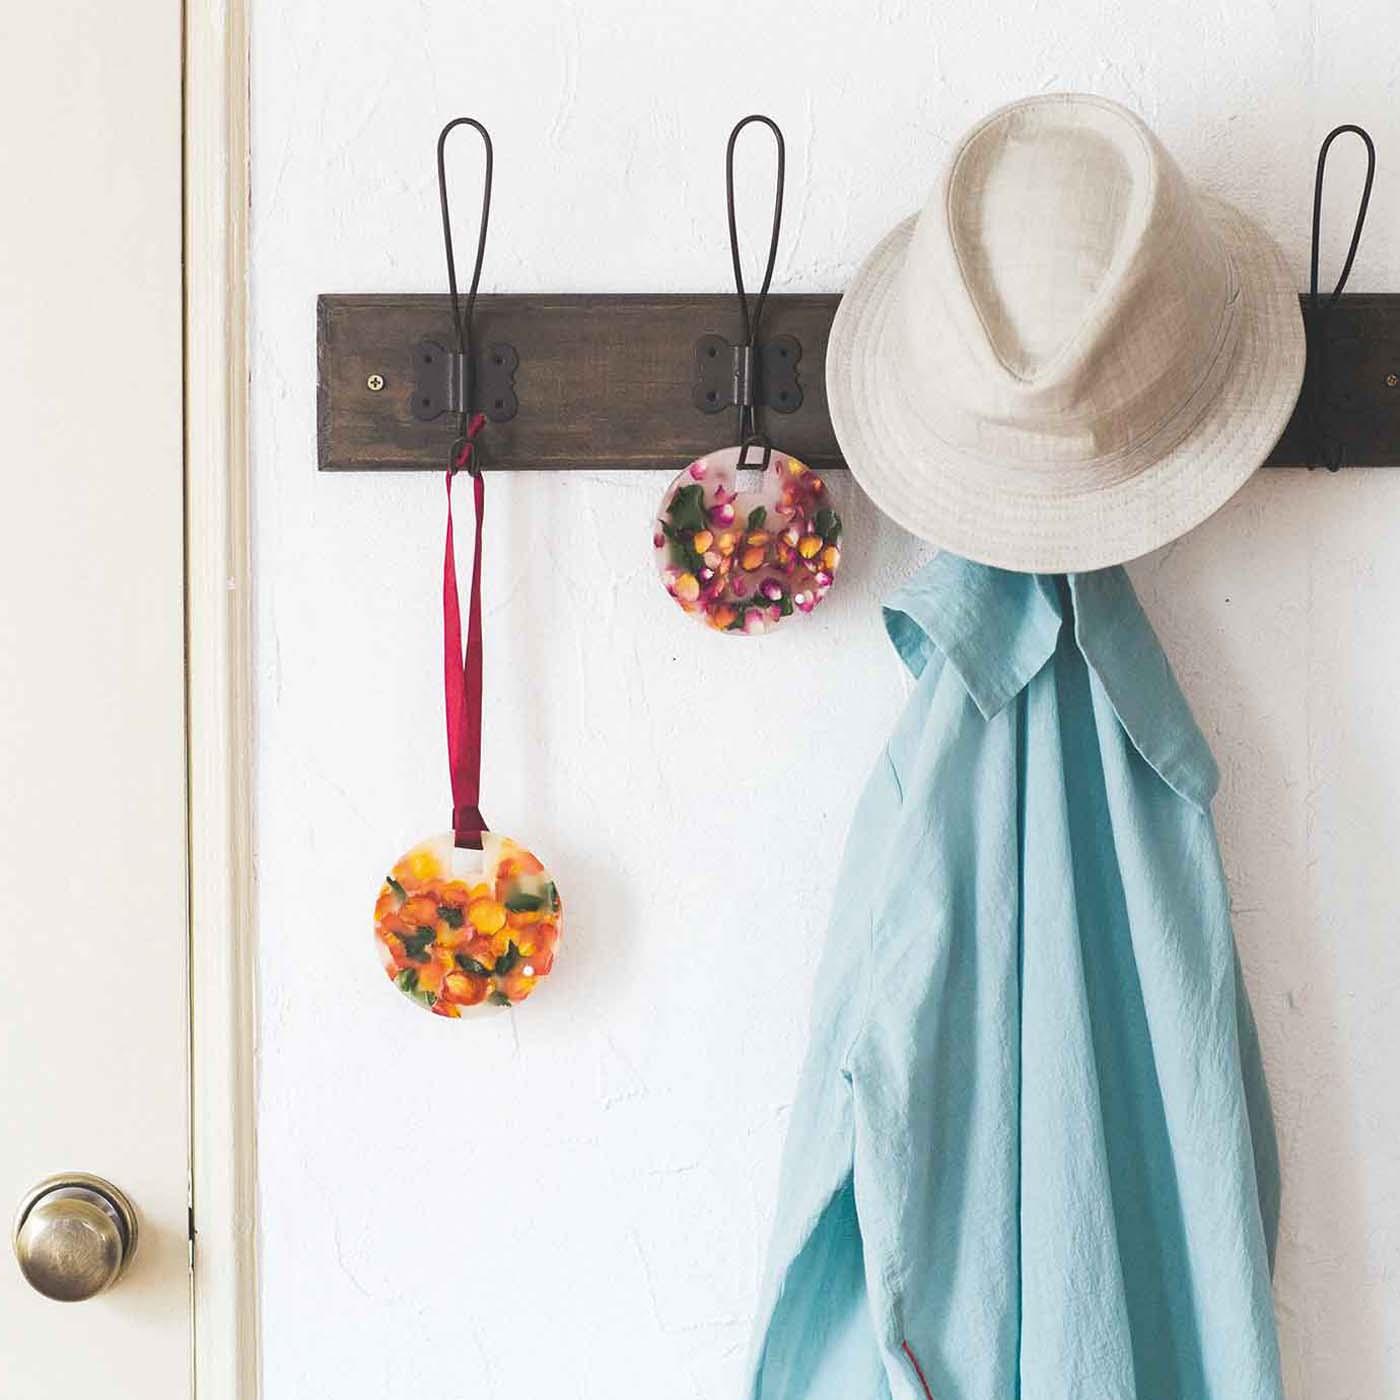 玄関ではリボンを通してラックにさりげなく掛けても素敵。ドアを開くたびにお花の香りに包まれます。